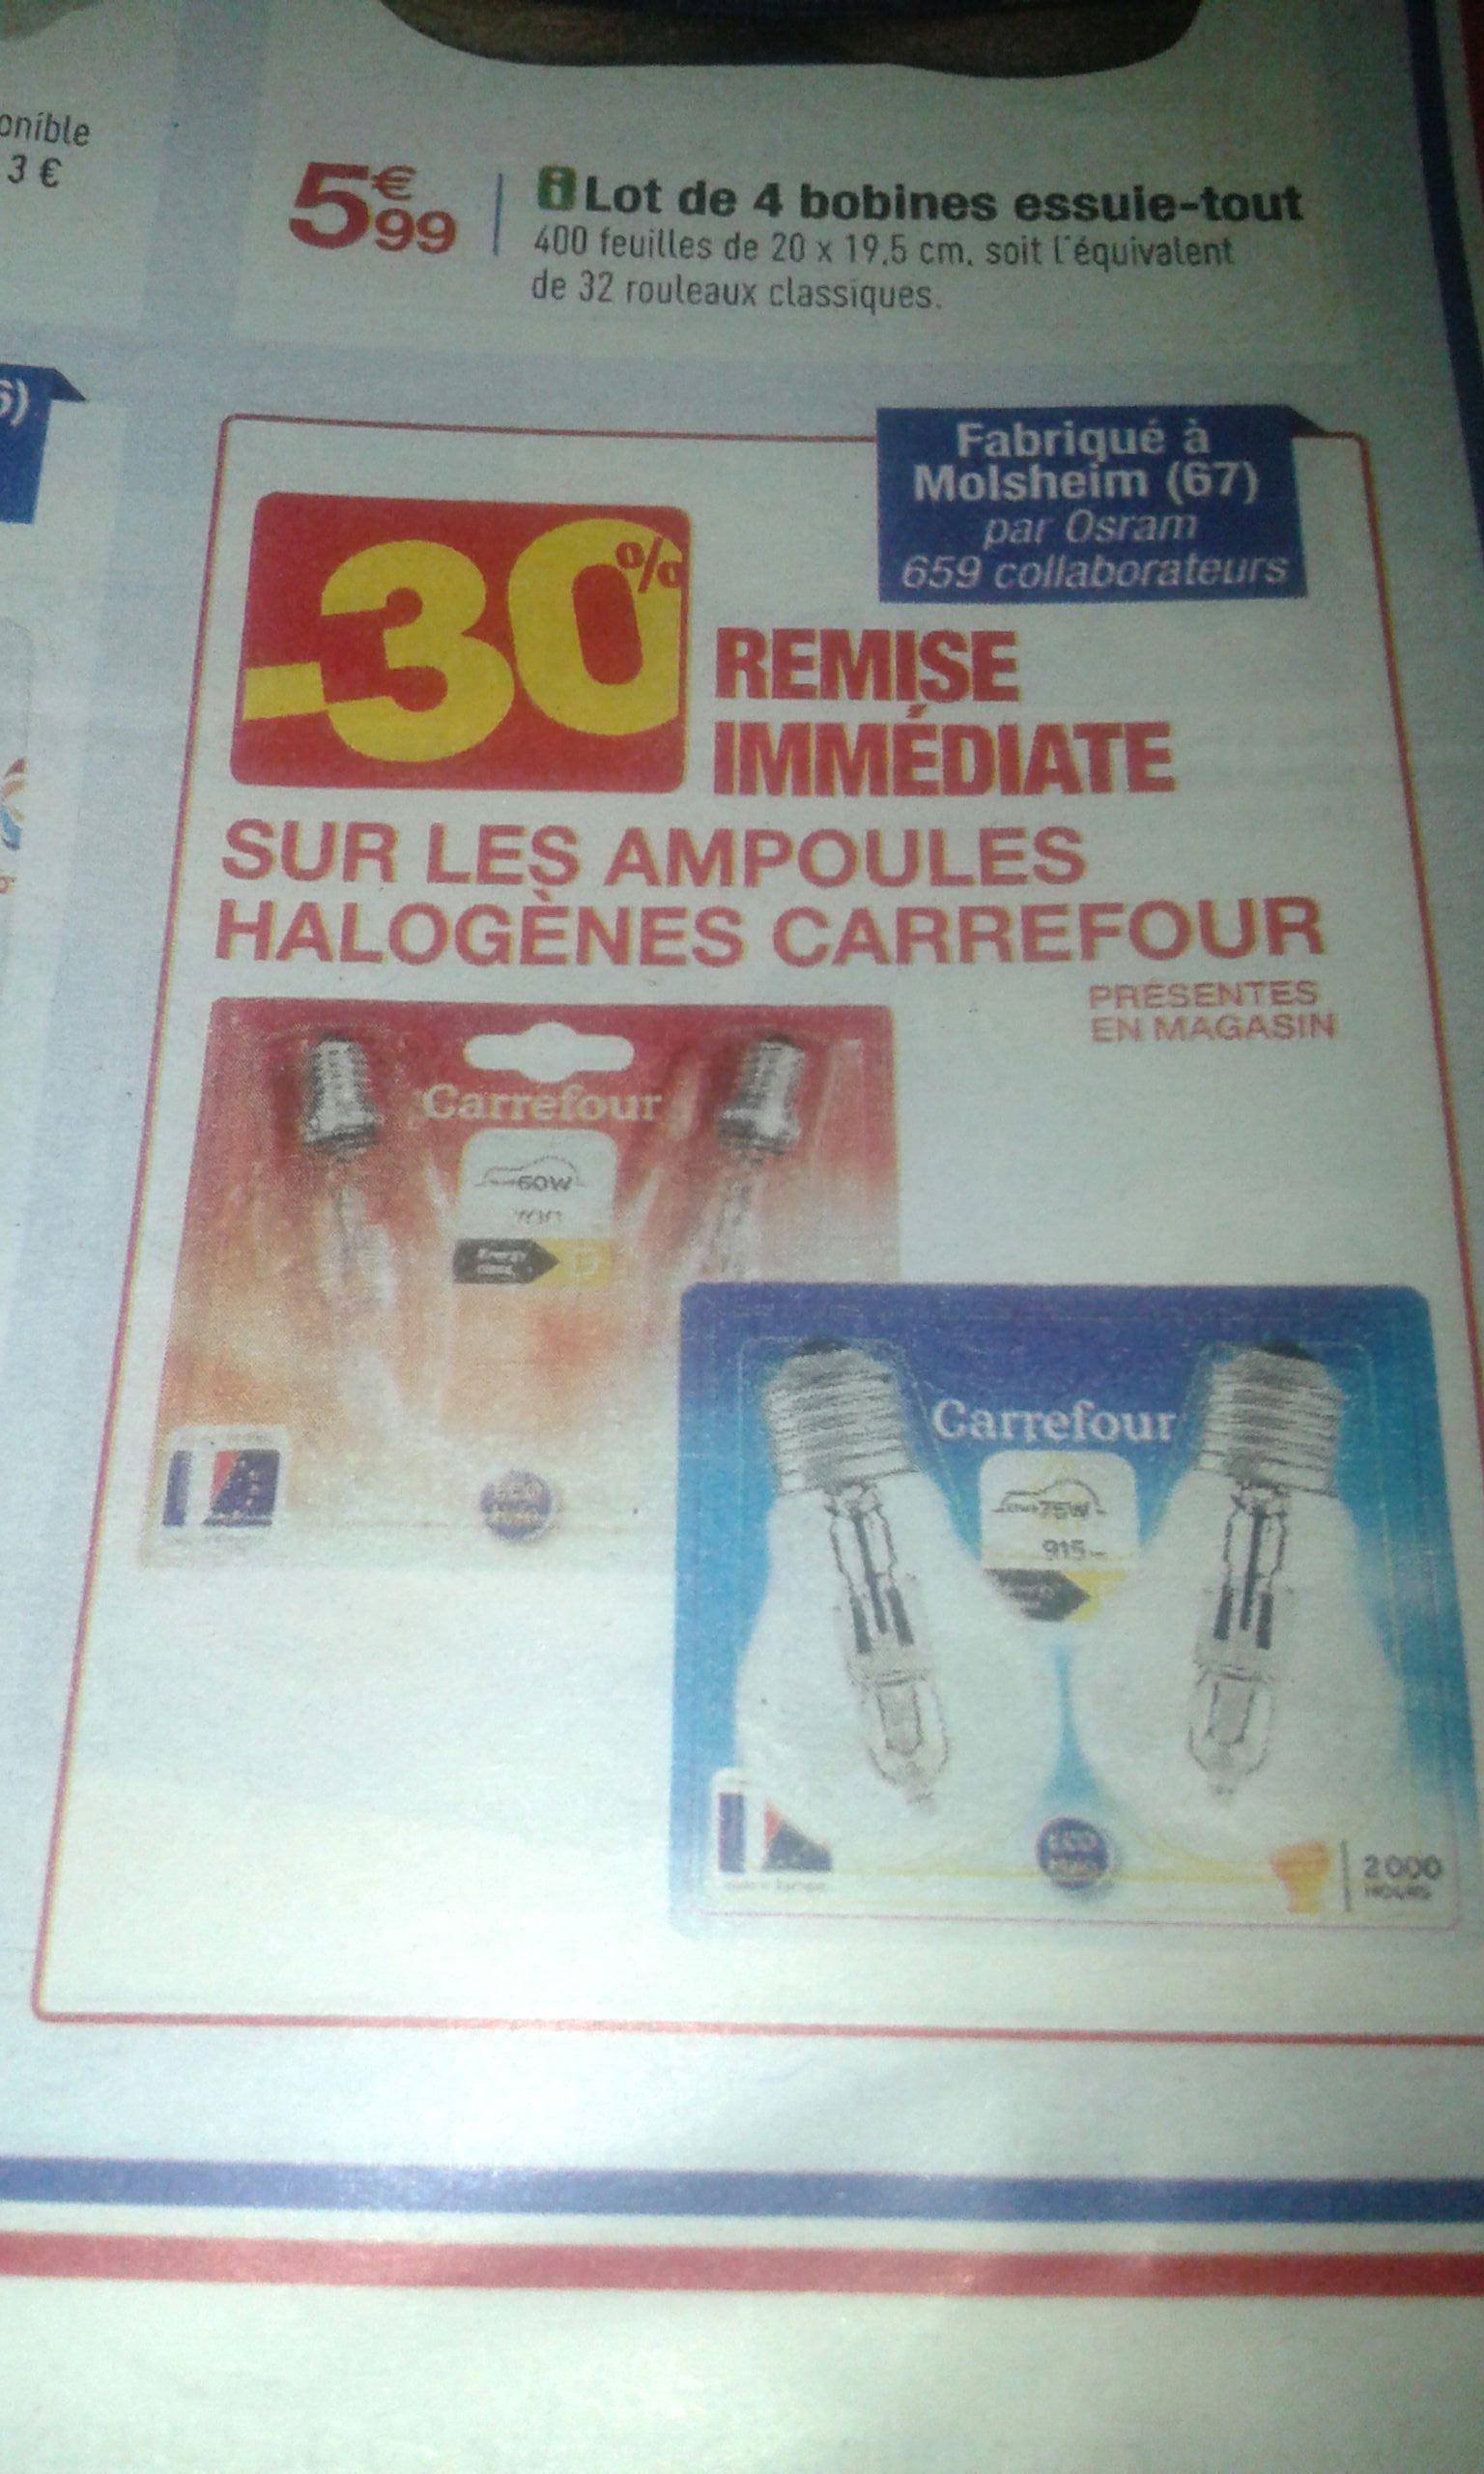 30% de réduction sur les ampoules halogènes de la marque Carrefour